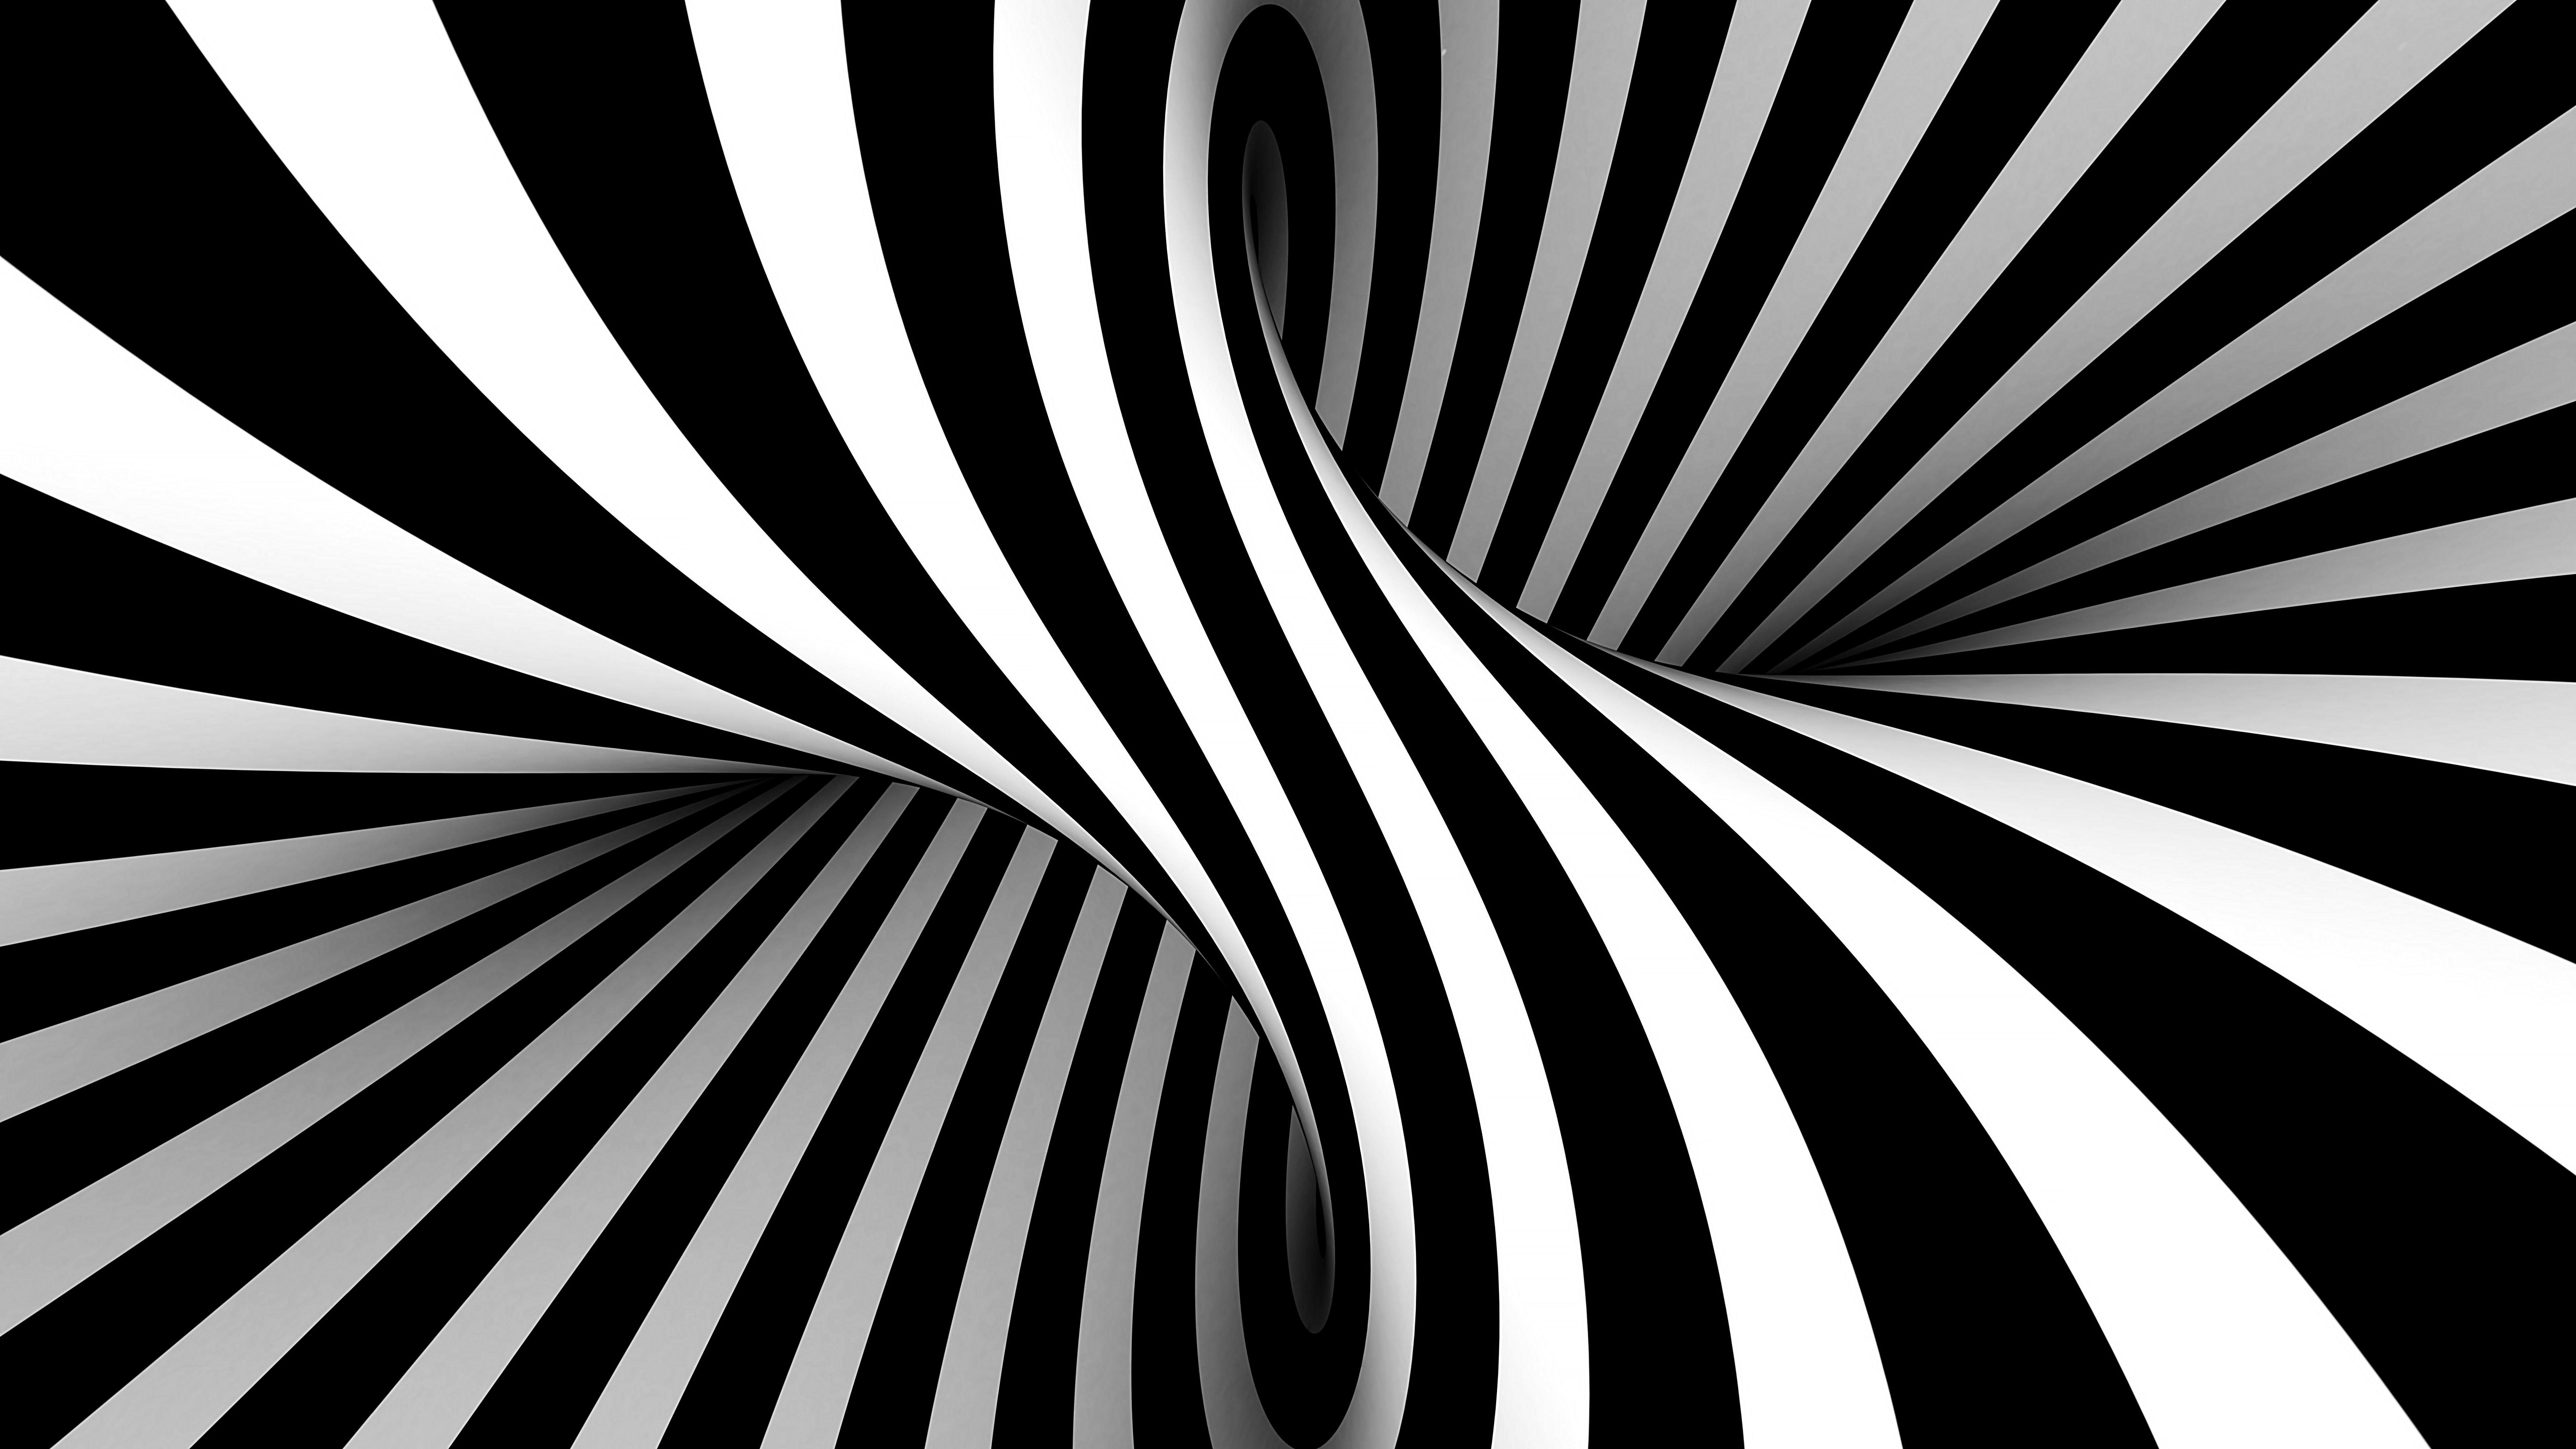 Fondos de pantalla Ilusión óptica 3D en blanco y negro estilo Vasarely